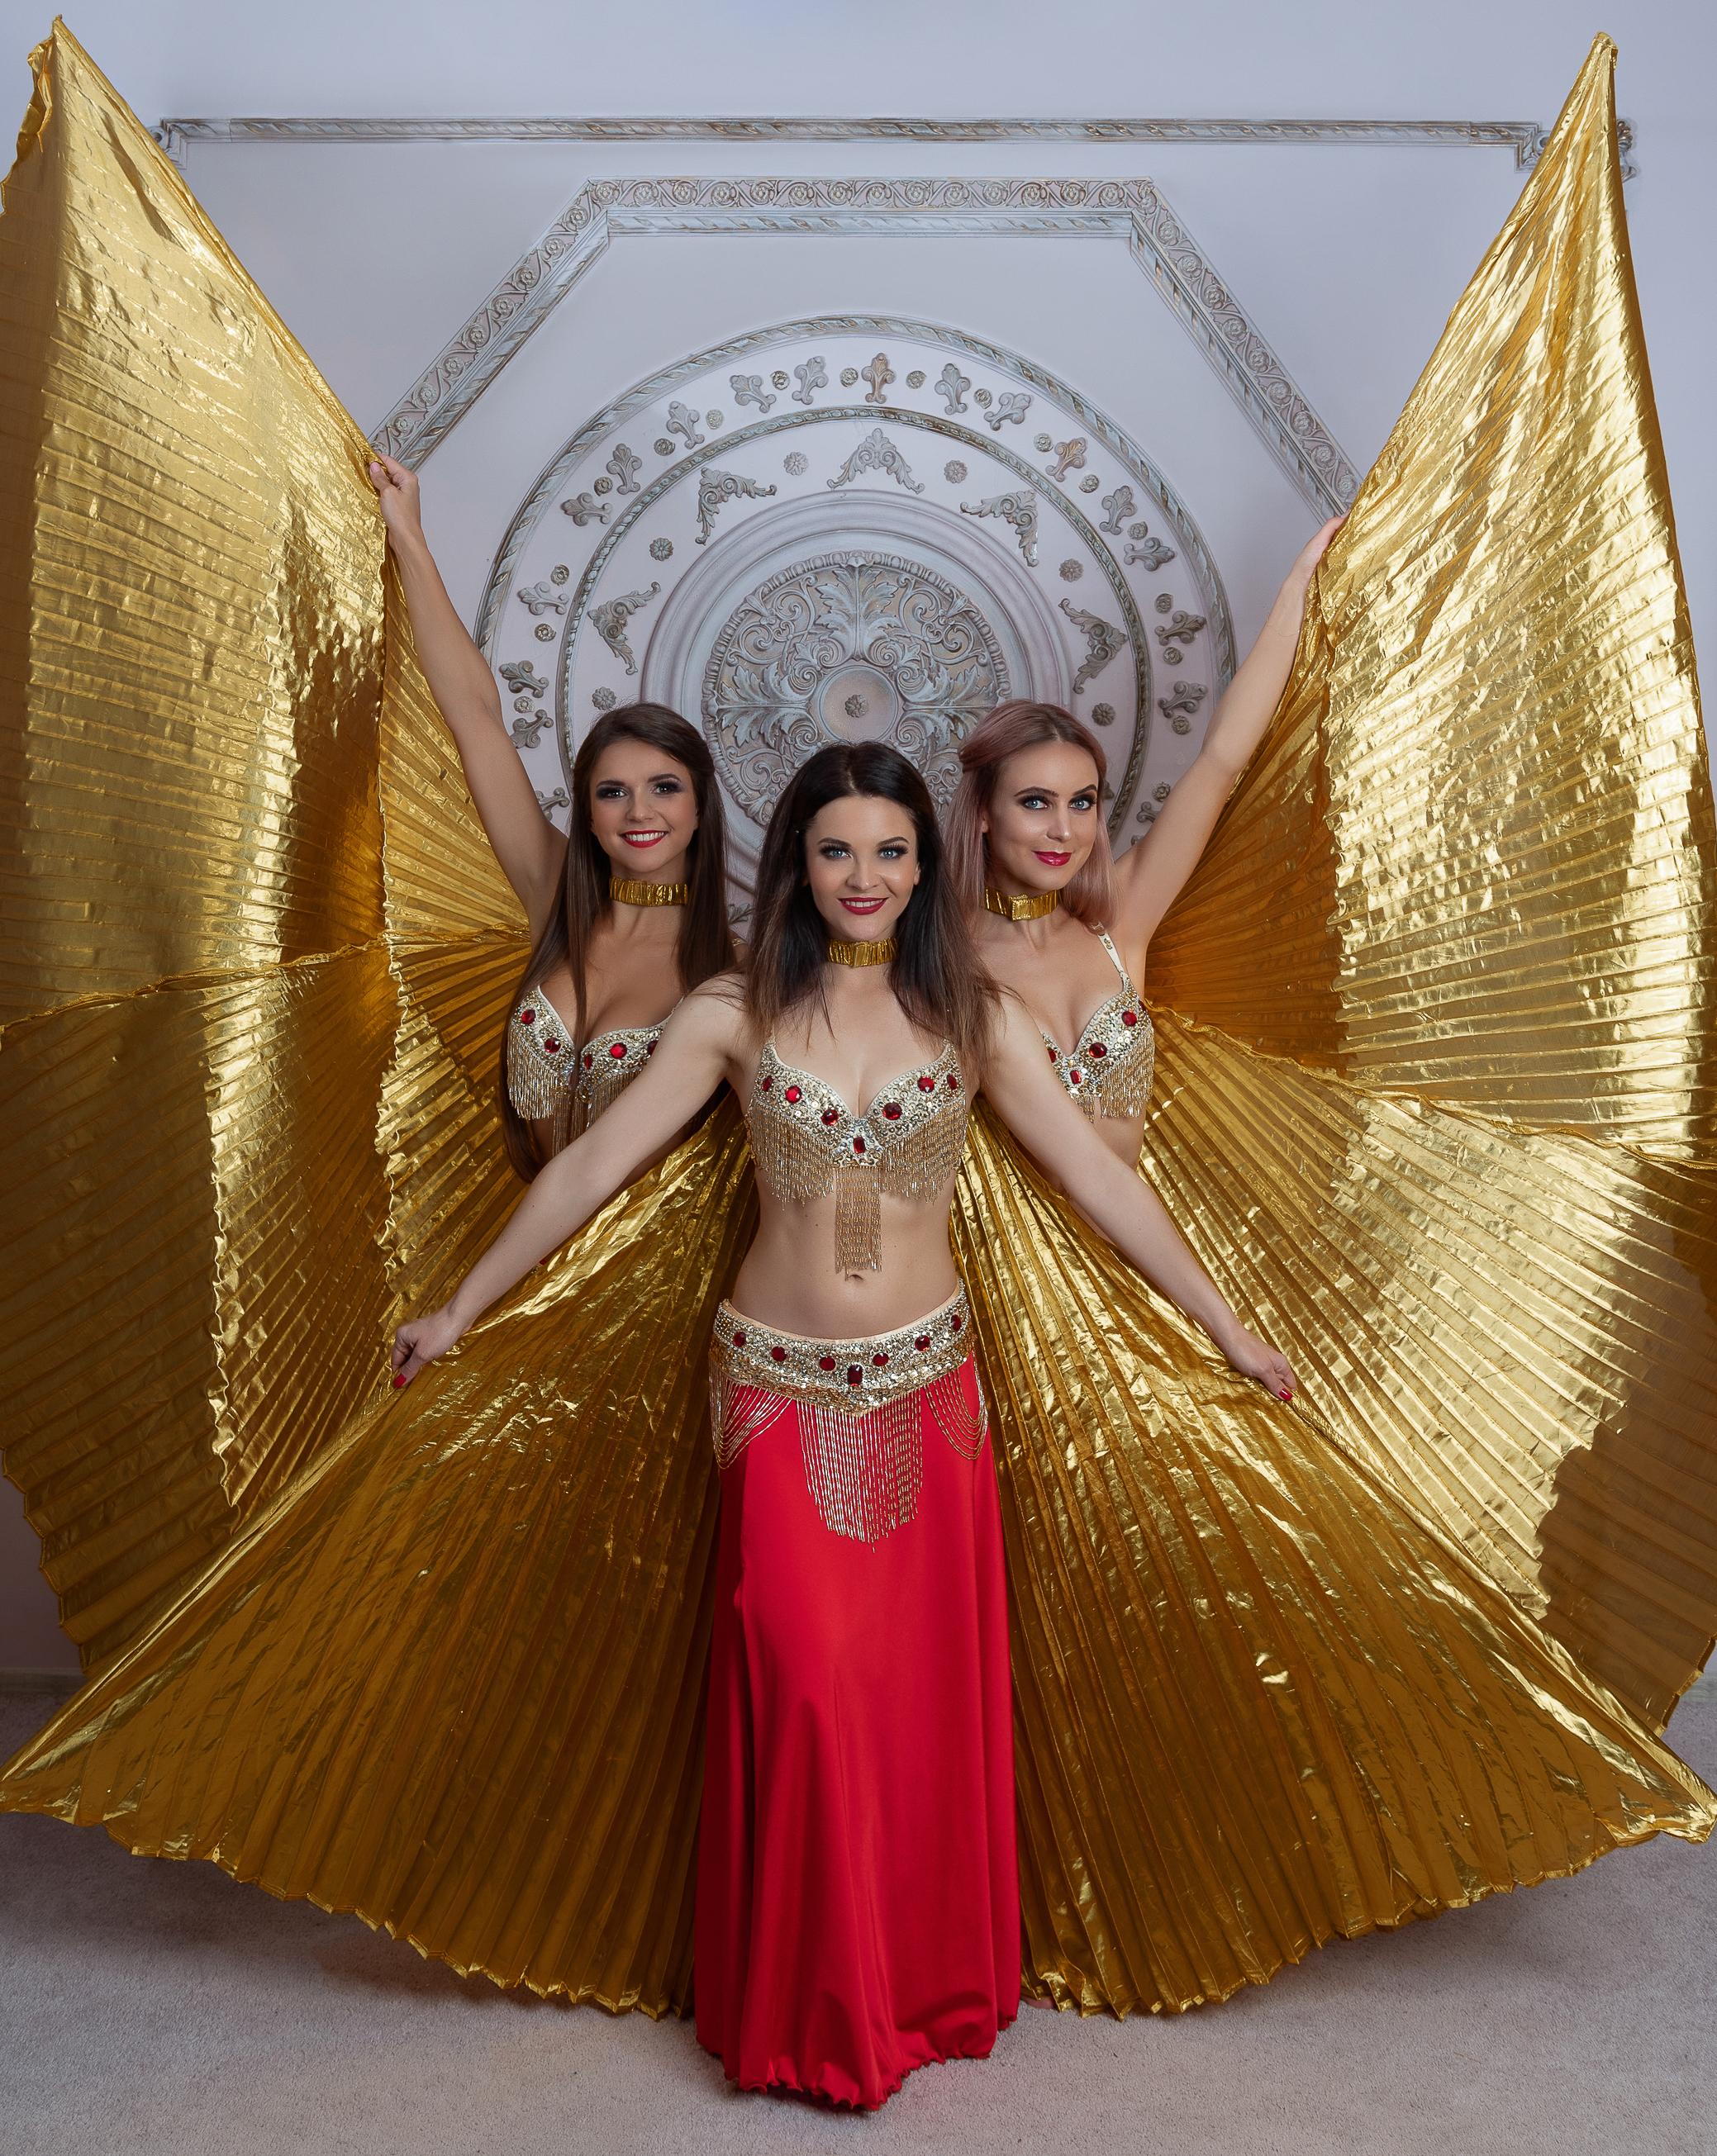 Rytietiškas šokis su auksu tviskančiais sparnais gimtadieniui, įmonės vakarėliui, renginiams, vestuvėms ar kitoms šventėms